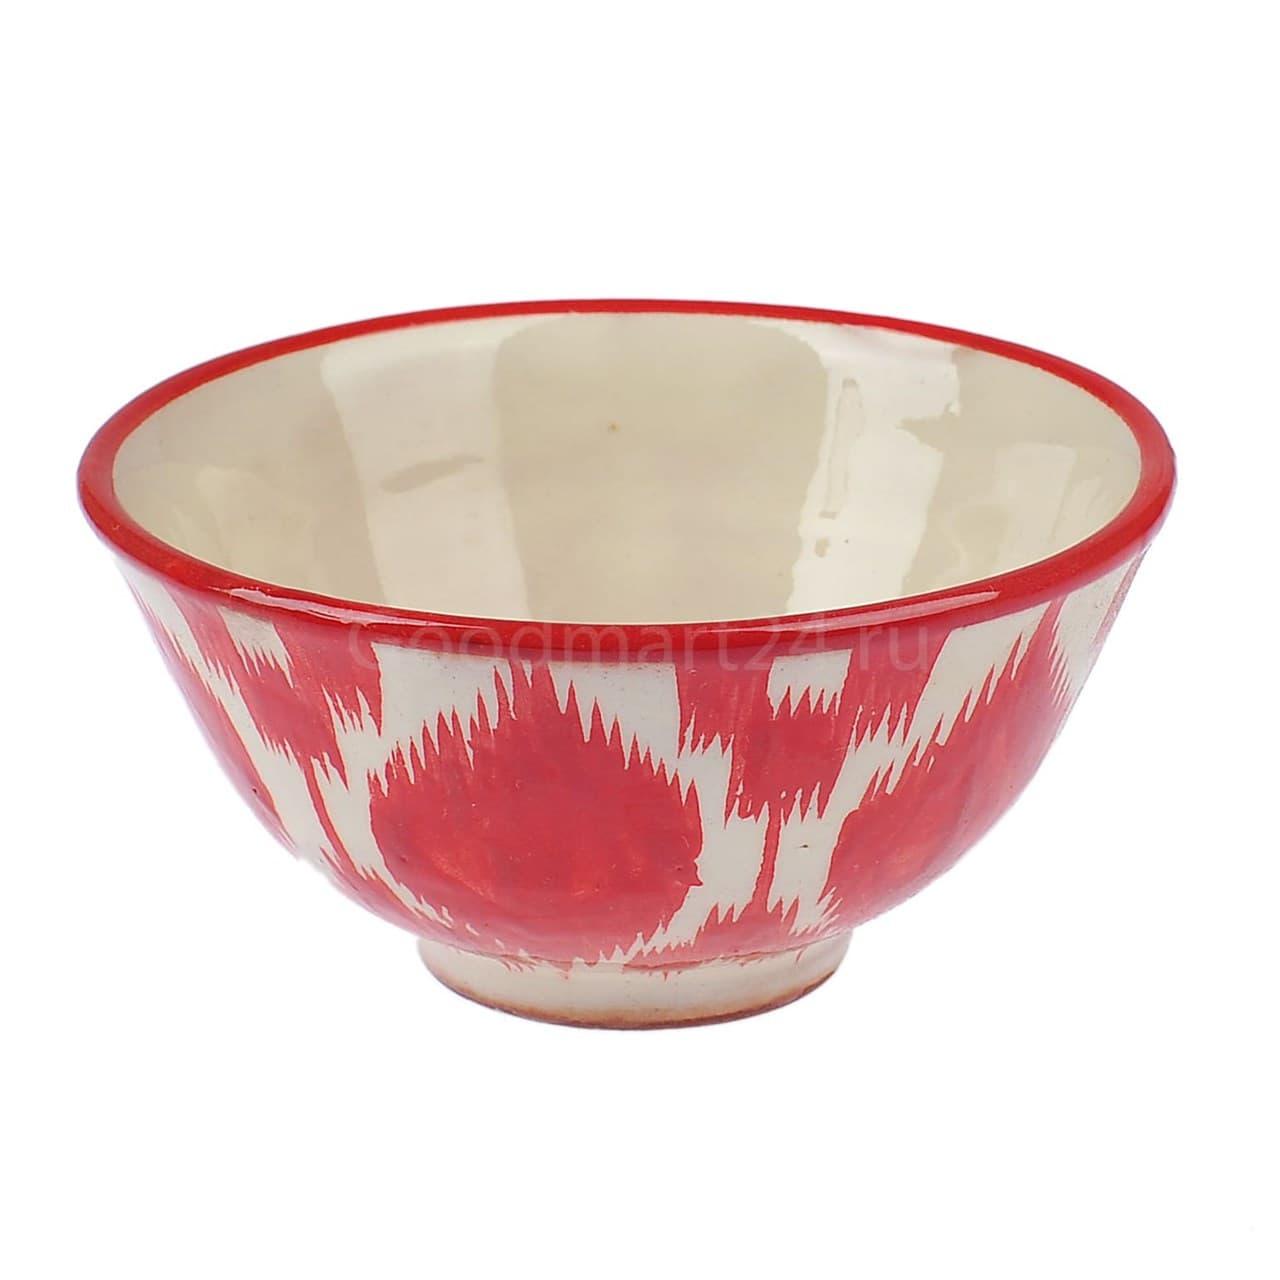 Пиала Риштанская Керамика большая d-11 см. h-5,5 см. Красный Атлас - фото 9402